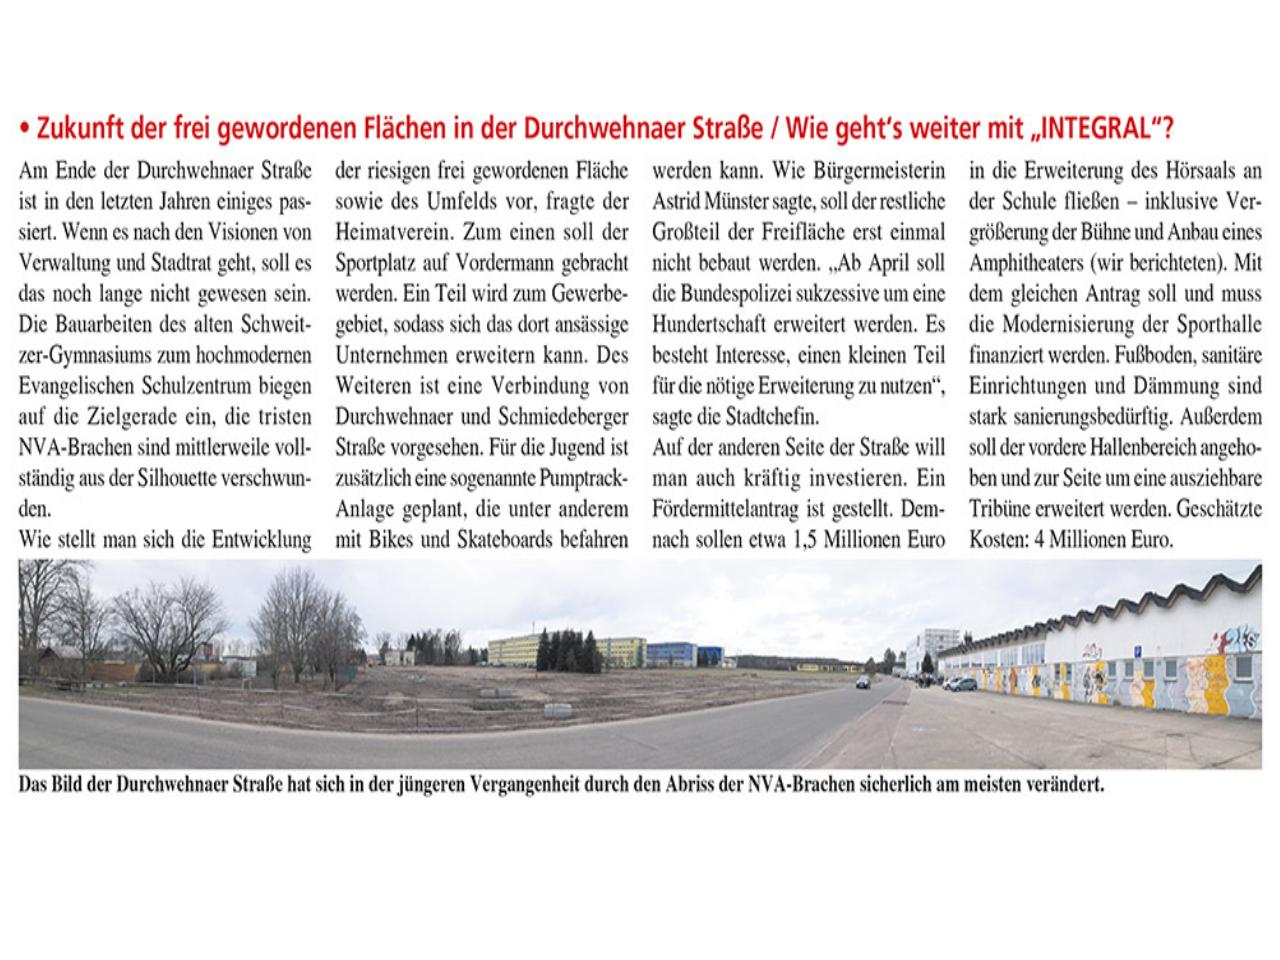 Dübener Wochenspiegel vom 05.02.2020